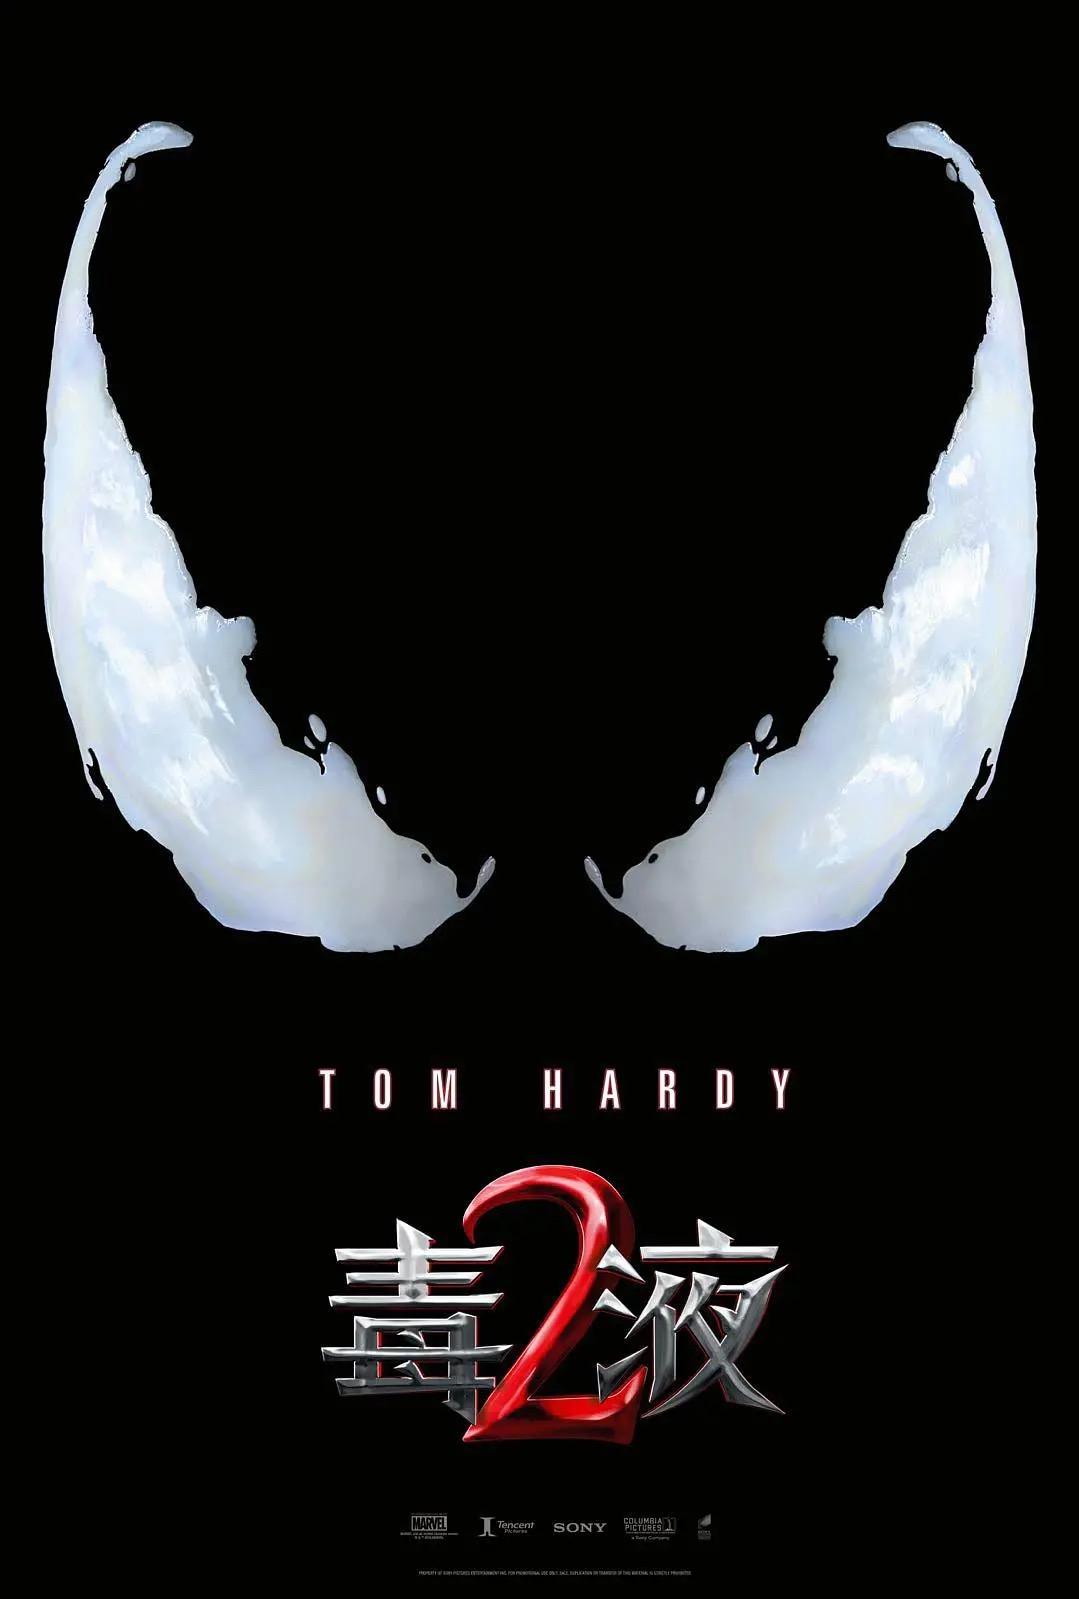 《毒液2》北美档期调整至2021年6月25日 正式定名《毒液:放纵屠杀》